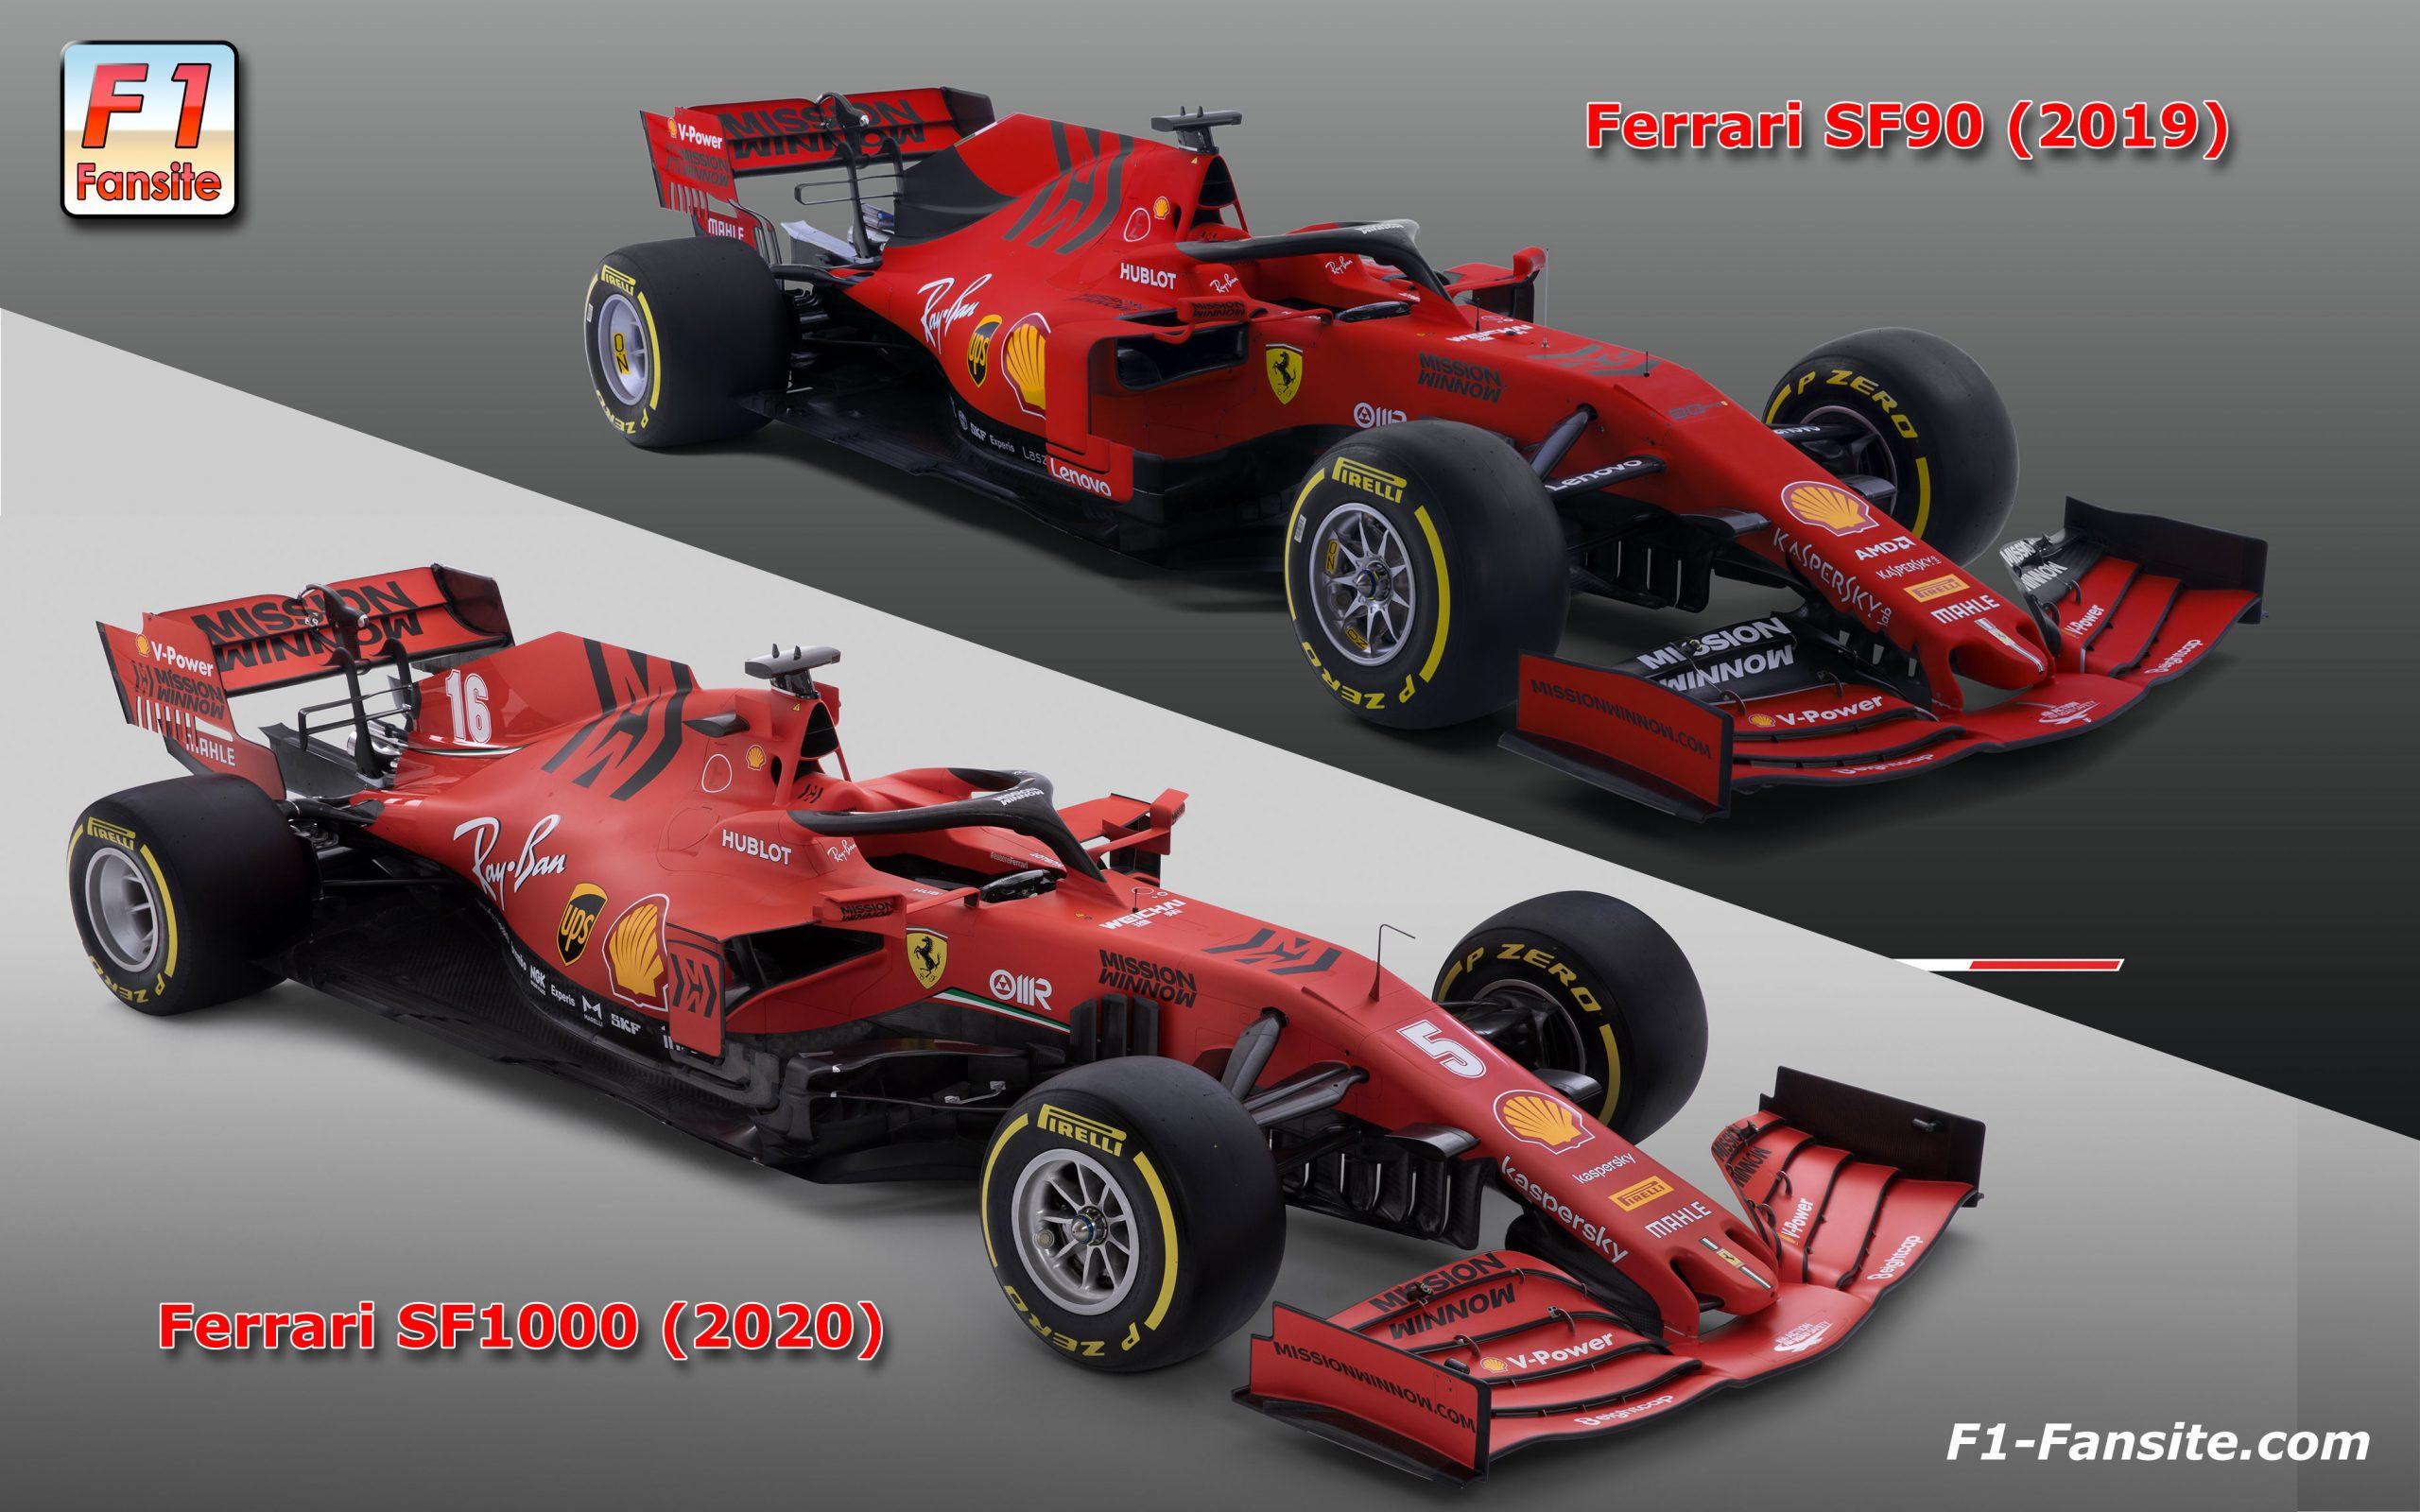 Ferrari-SF90-VS-SF1000-front-right-view-